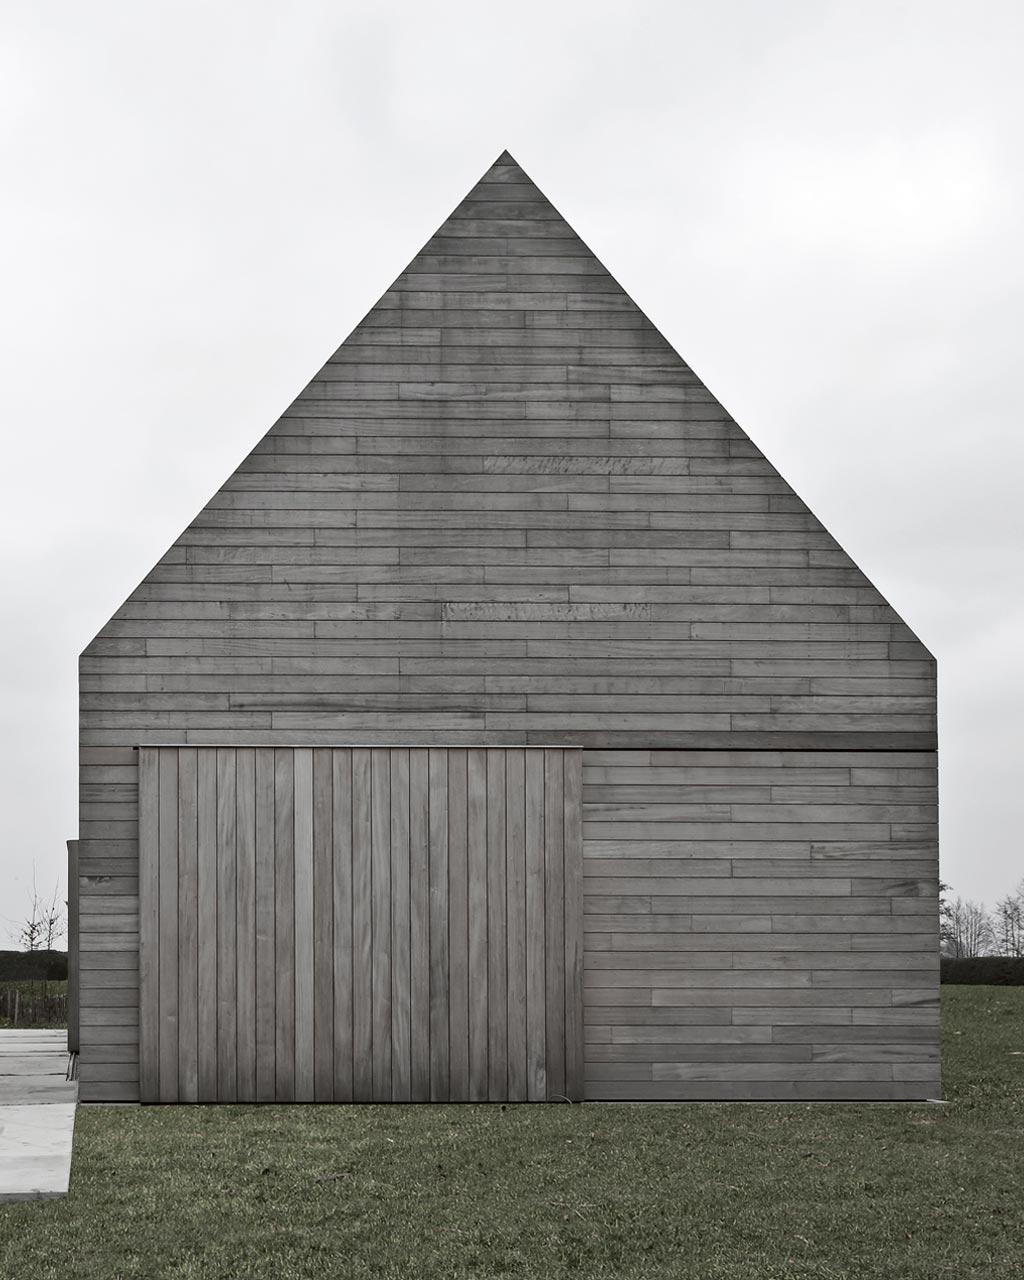 DC II Residence, Tielrode, Belgium, 2012, photo by Koen Van Damme